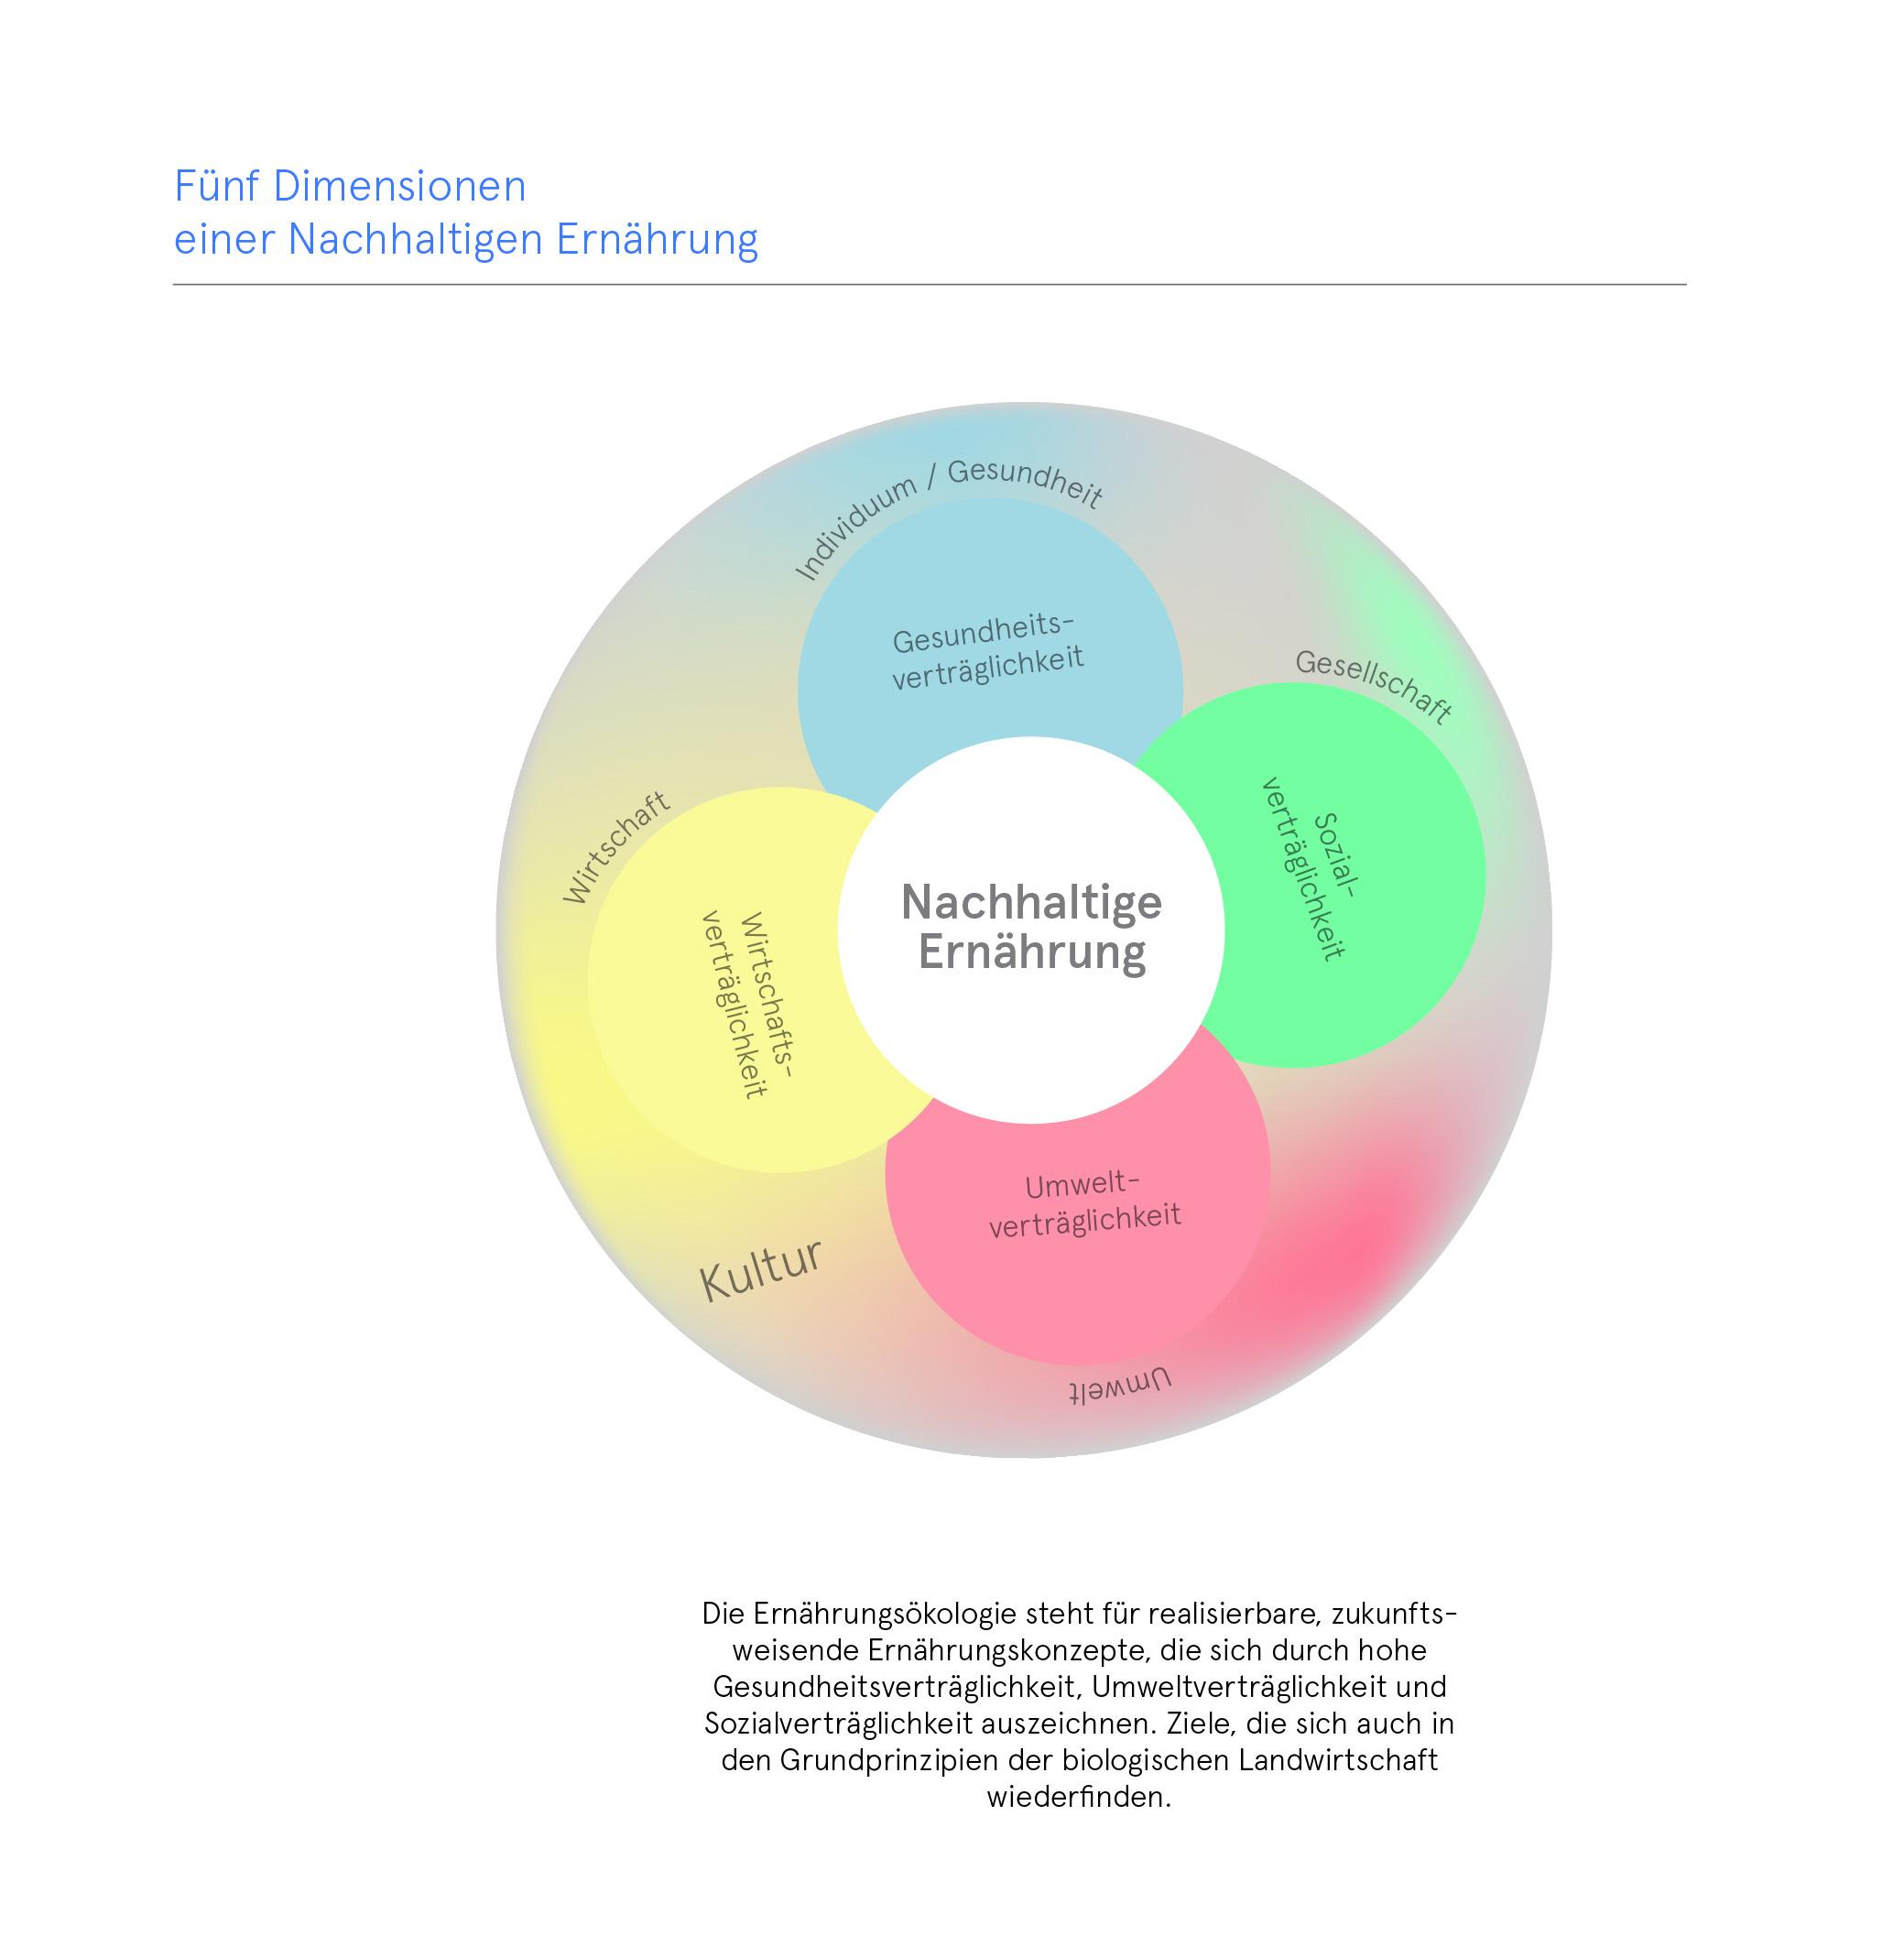 nachhaltige Ernährung fünf Dimensionen Wissensvisualisierung